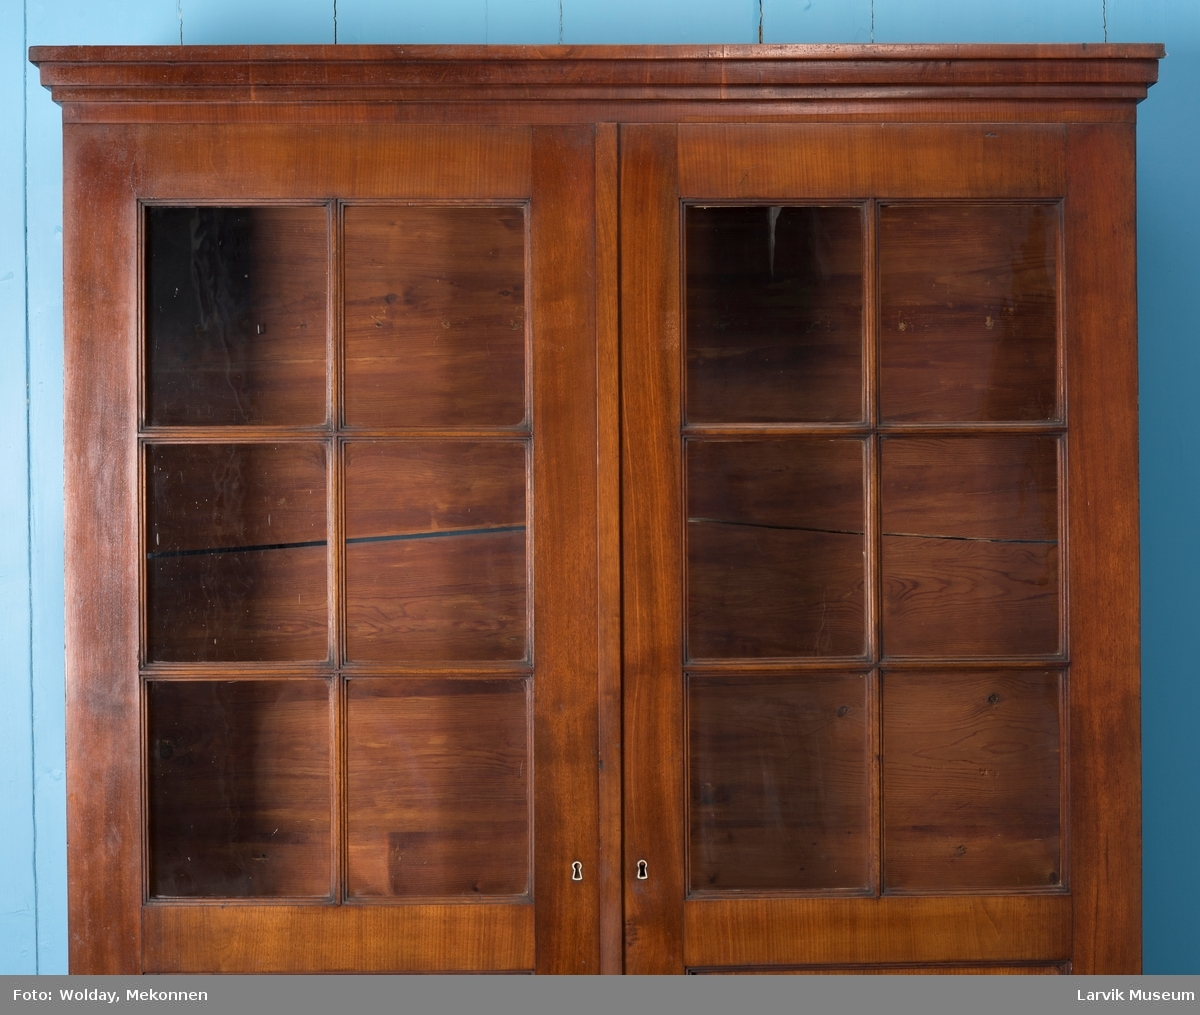 Tredelt topplist, 6 felt med glass i hver dør, speilfylling nederst, 6 hyller inne i skapet, 5 ikke bearbeidet.